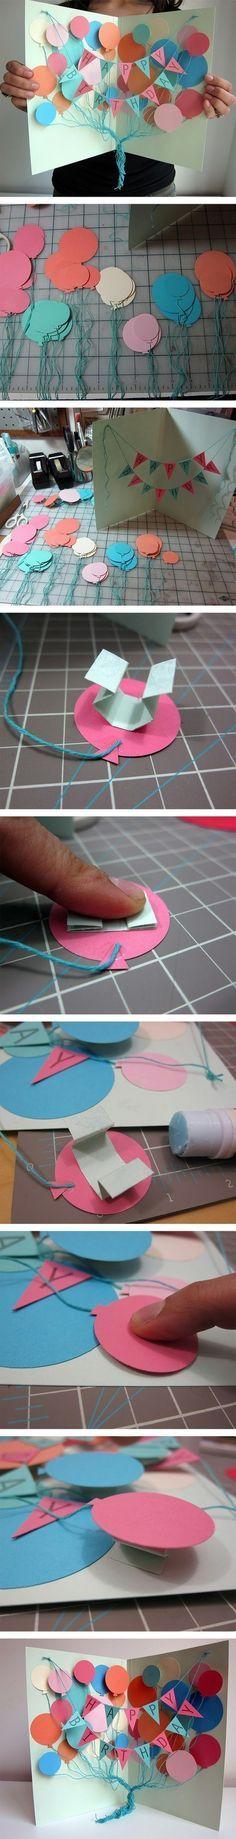 birthday pop up card | http://diy-gift-ideas.blogspot.com